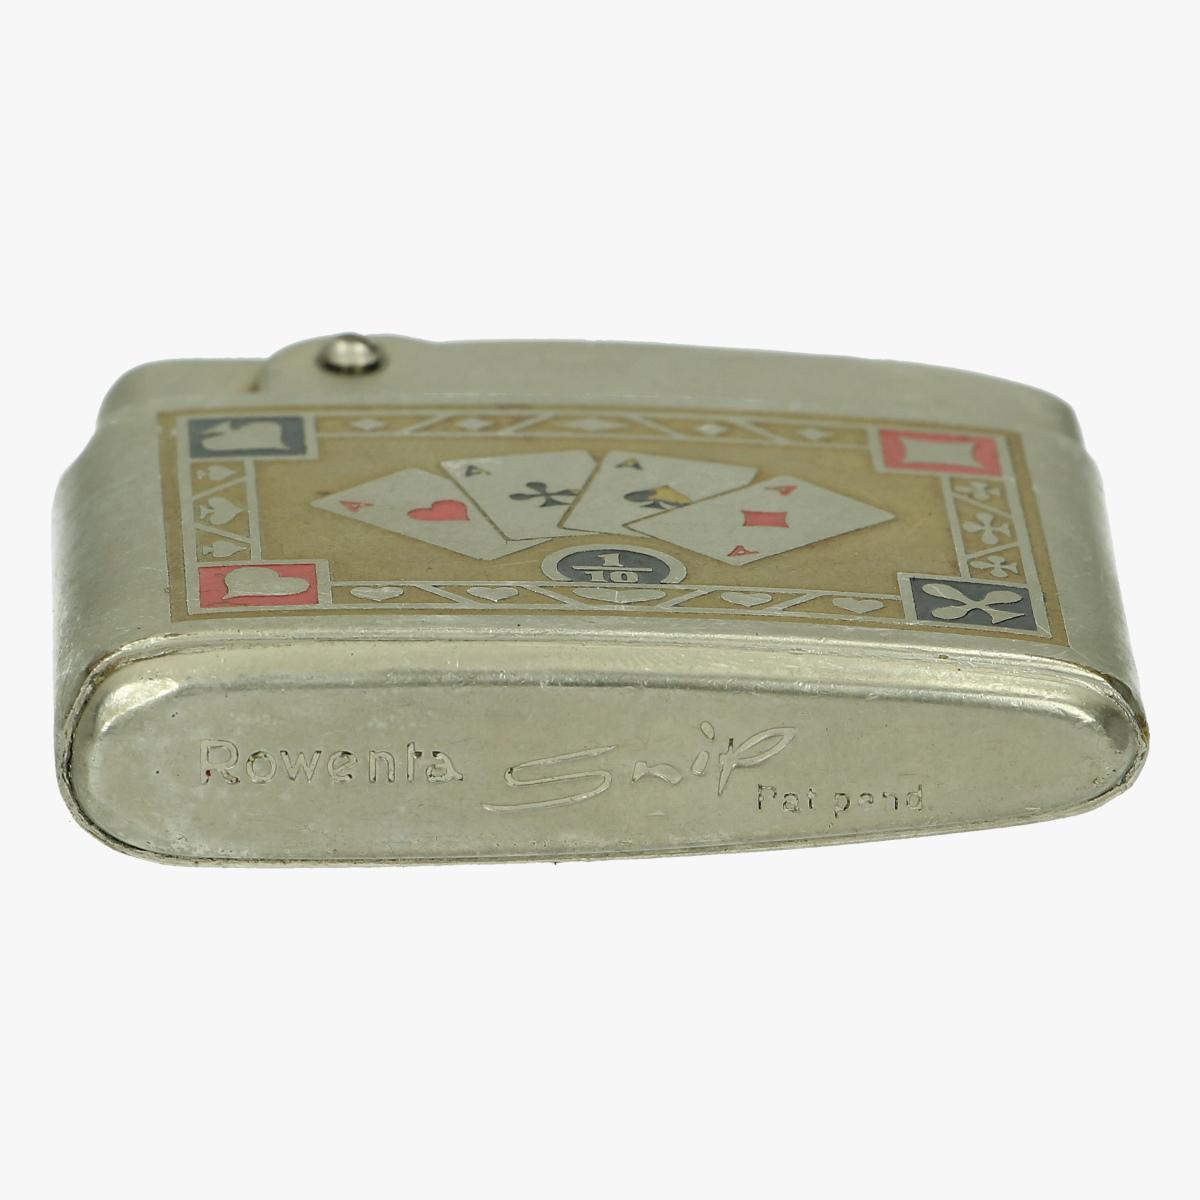 Afbeeldingen van oude aansteker spelkaarten vier azen rowenta snip